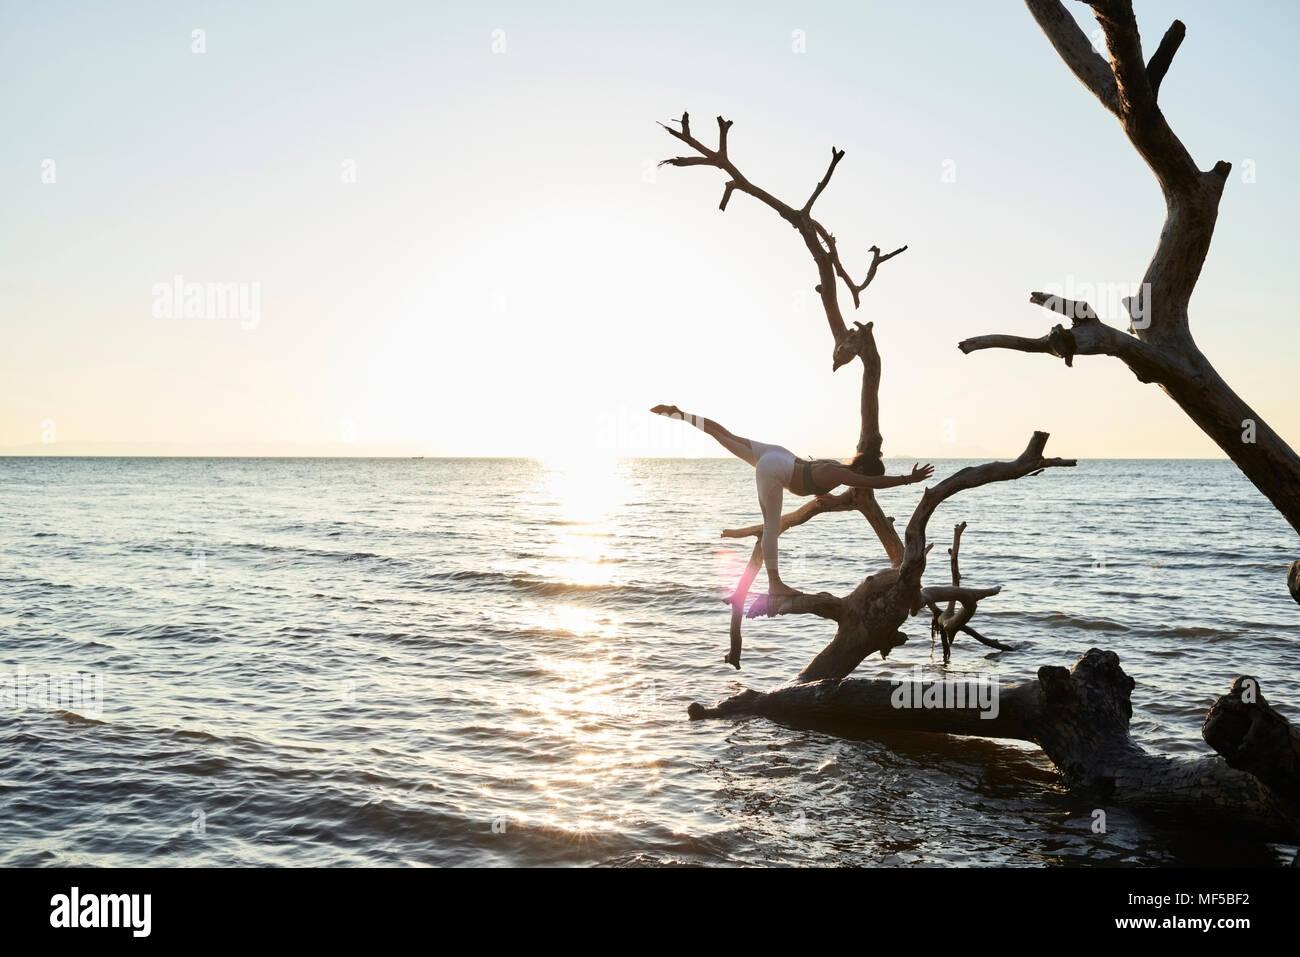 Junge Frau mit Yoga auf einen umgestürzten Baum im Meer bei Sonnenuntergang Stockfoto